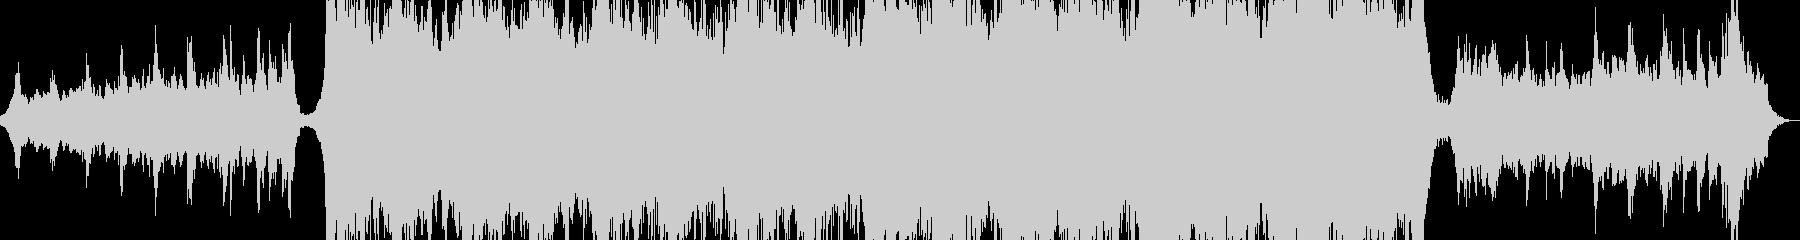 現代的 交響曲 エレクトロ コーポ...の未再生の波形